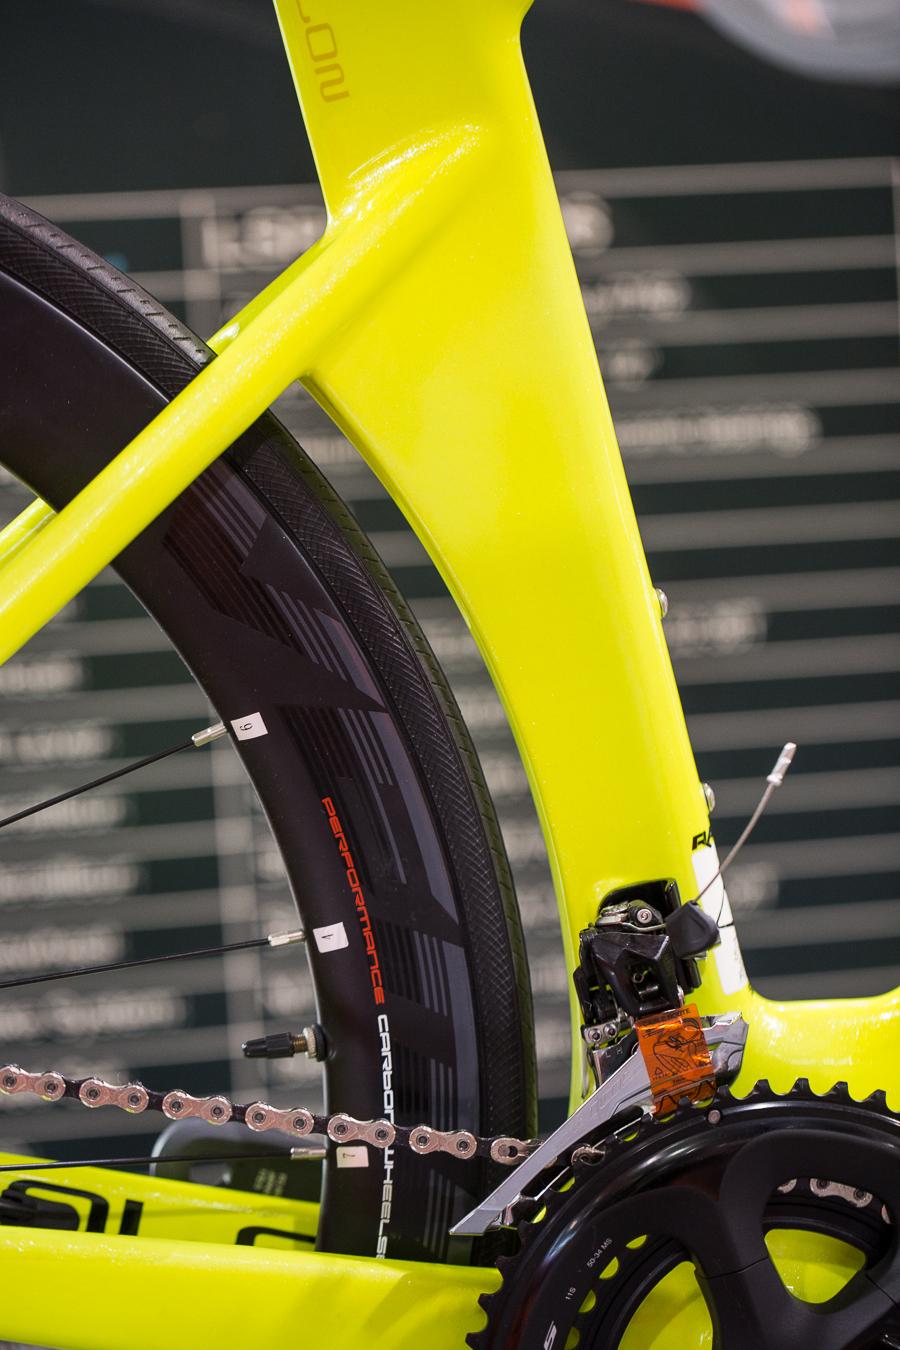 Toronto Bike Show - Buyer Beware